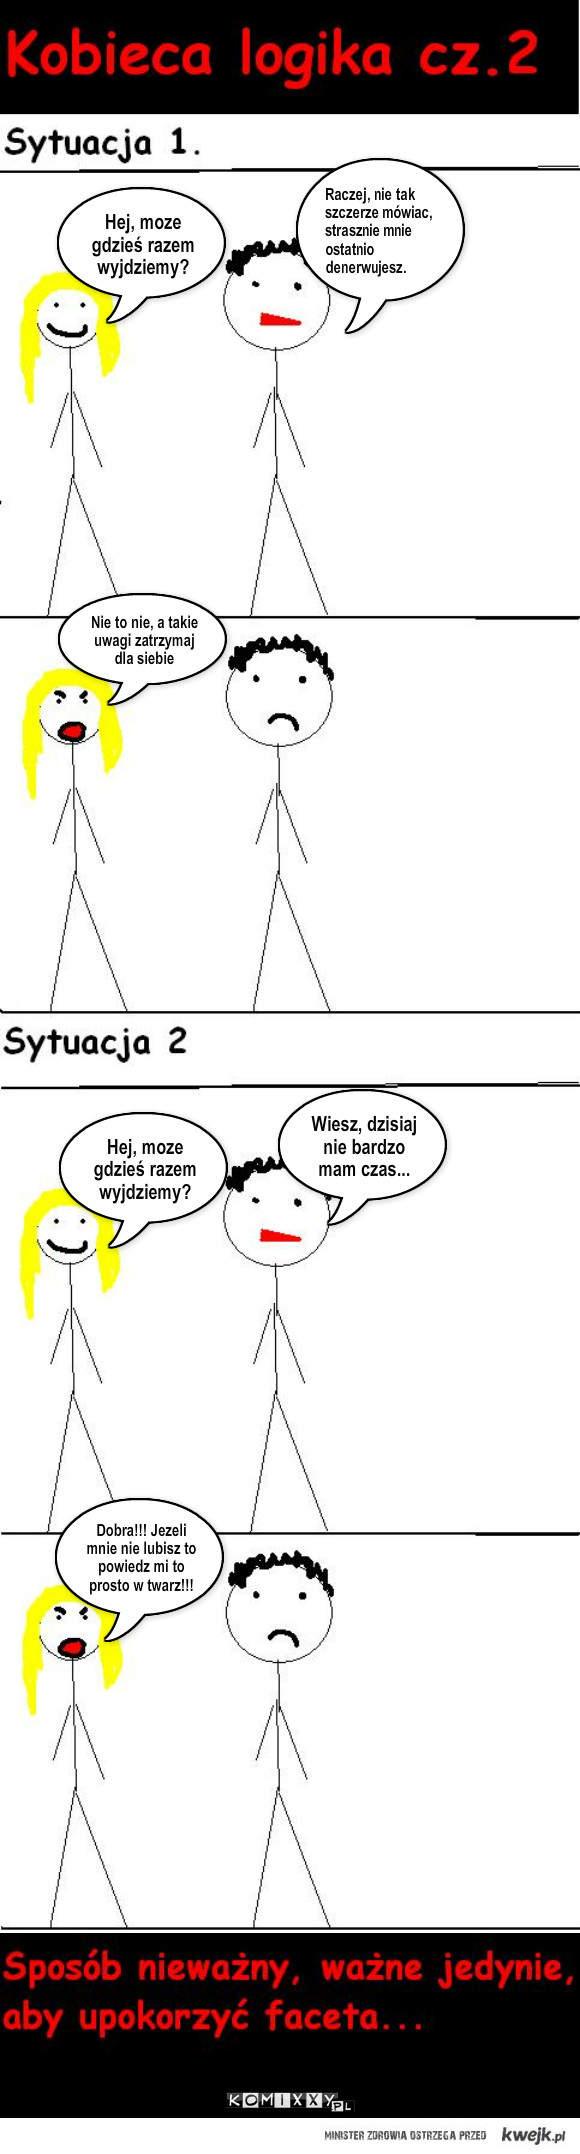 Kobieca logika cz.2